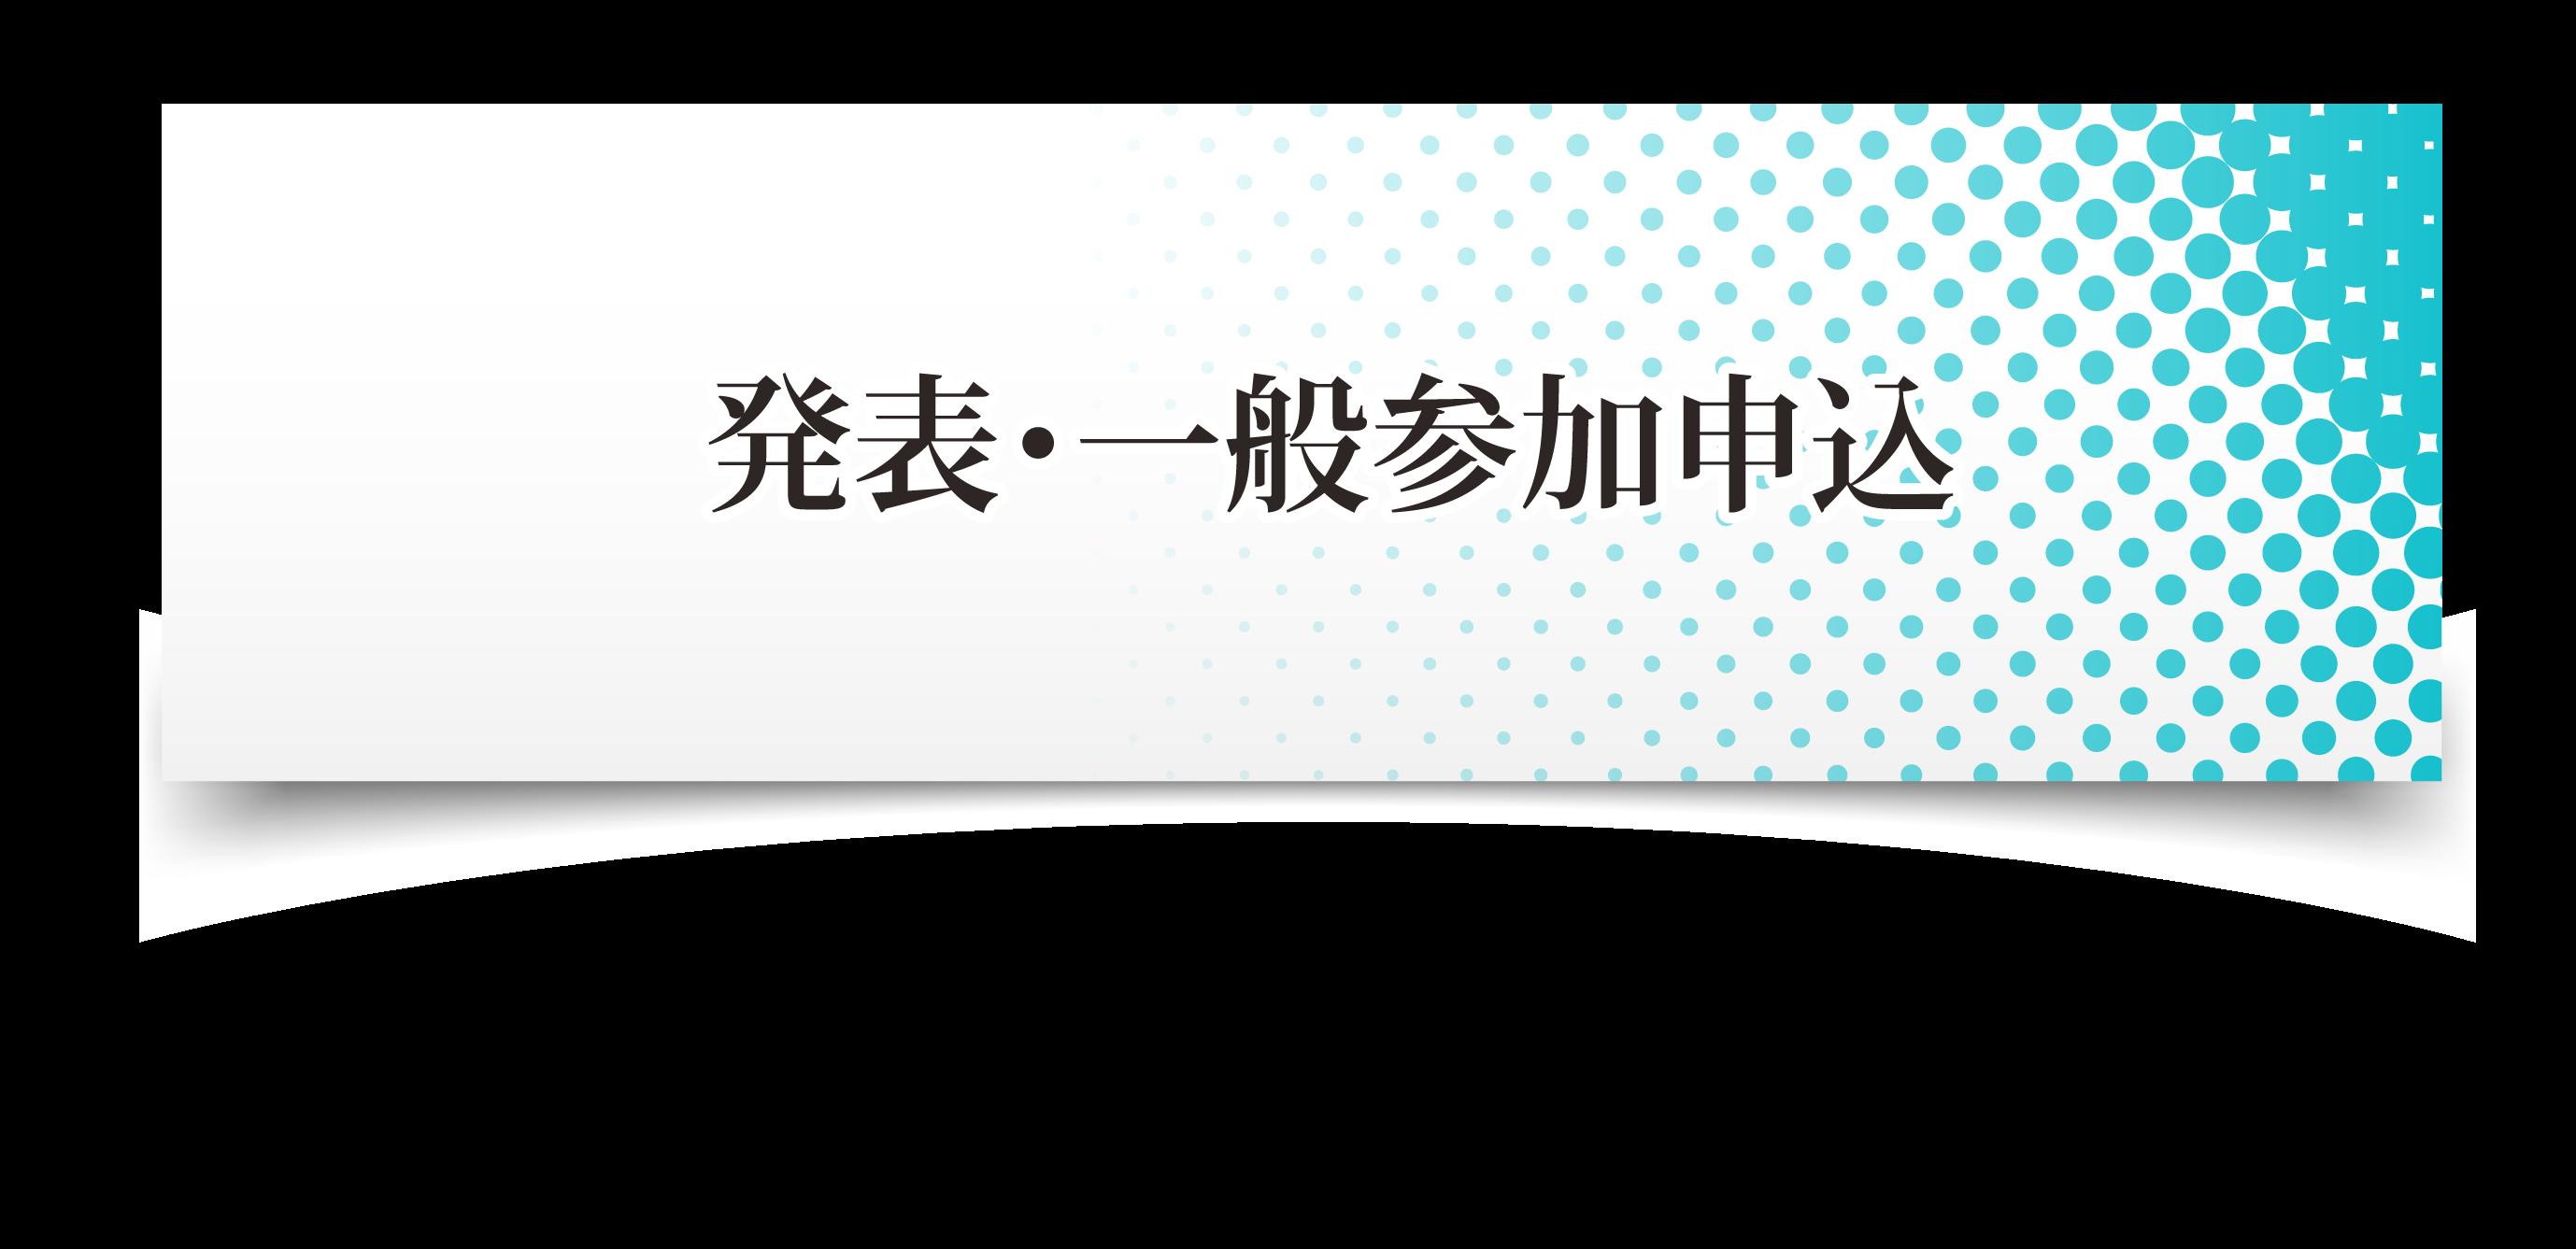 第8回スティミュレーションセラピー研究会 発表/参加申込